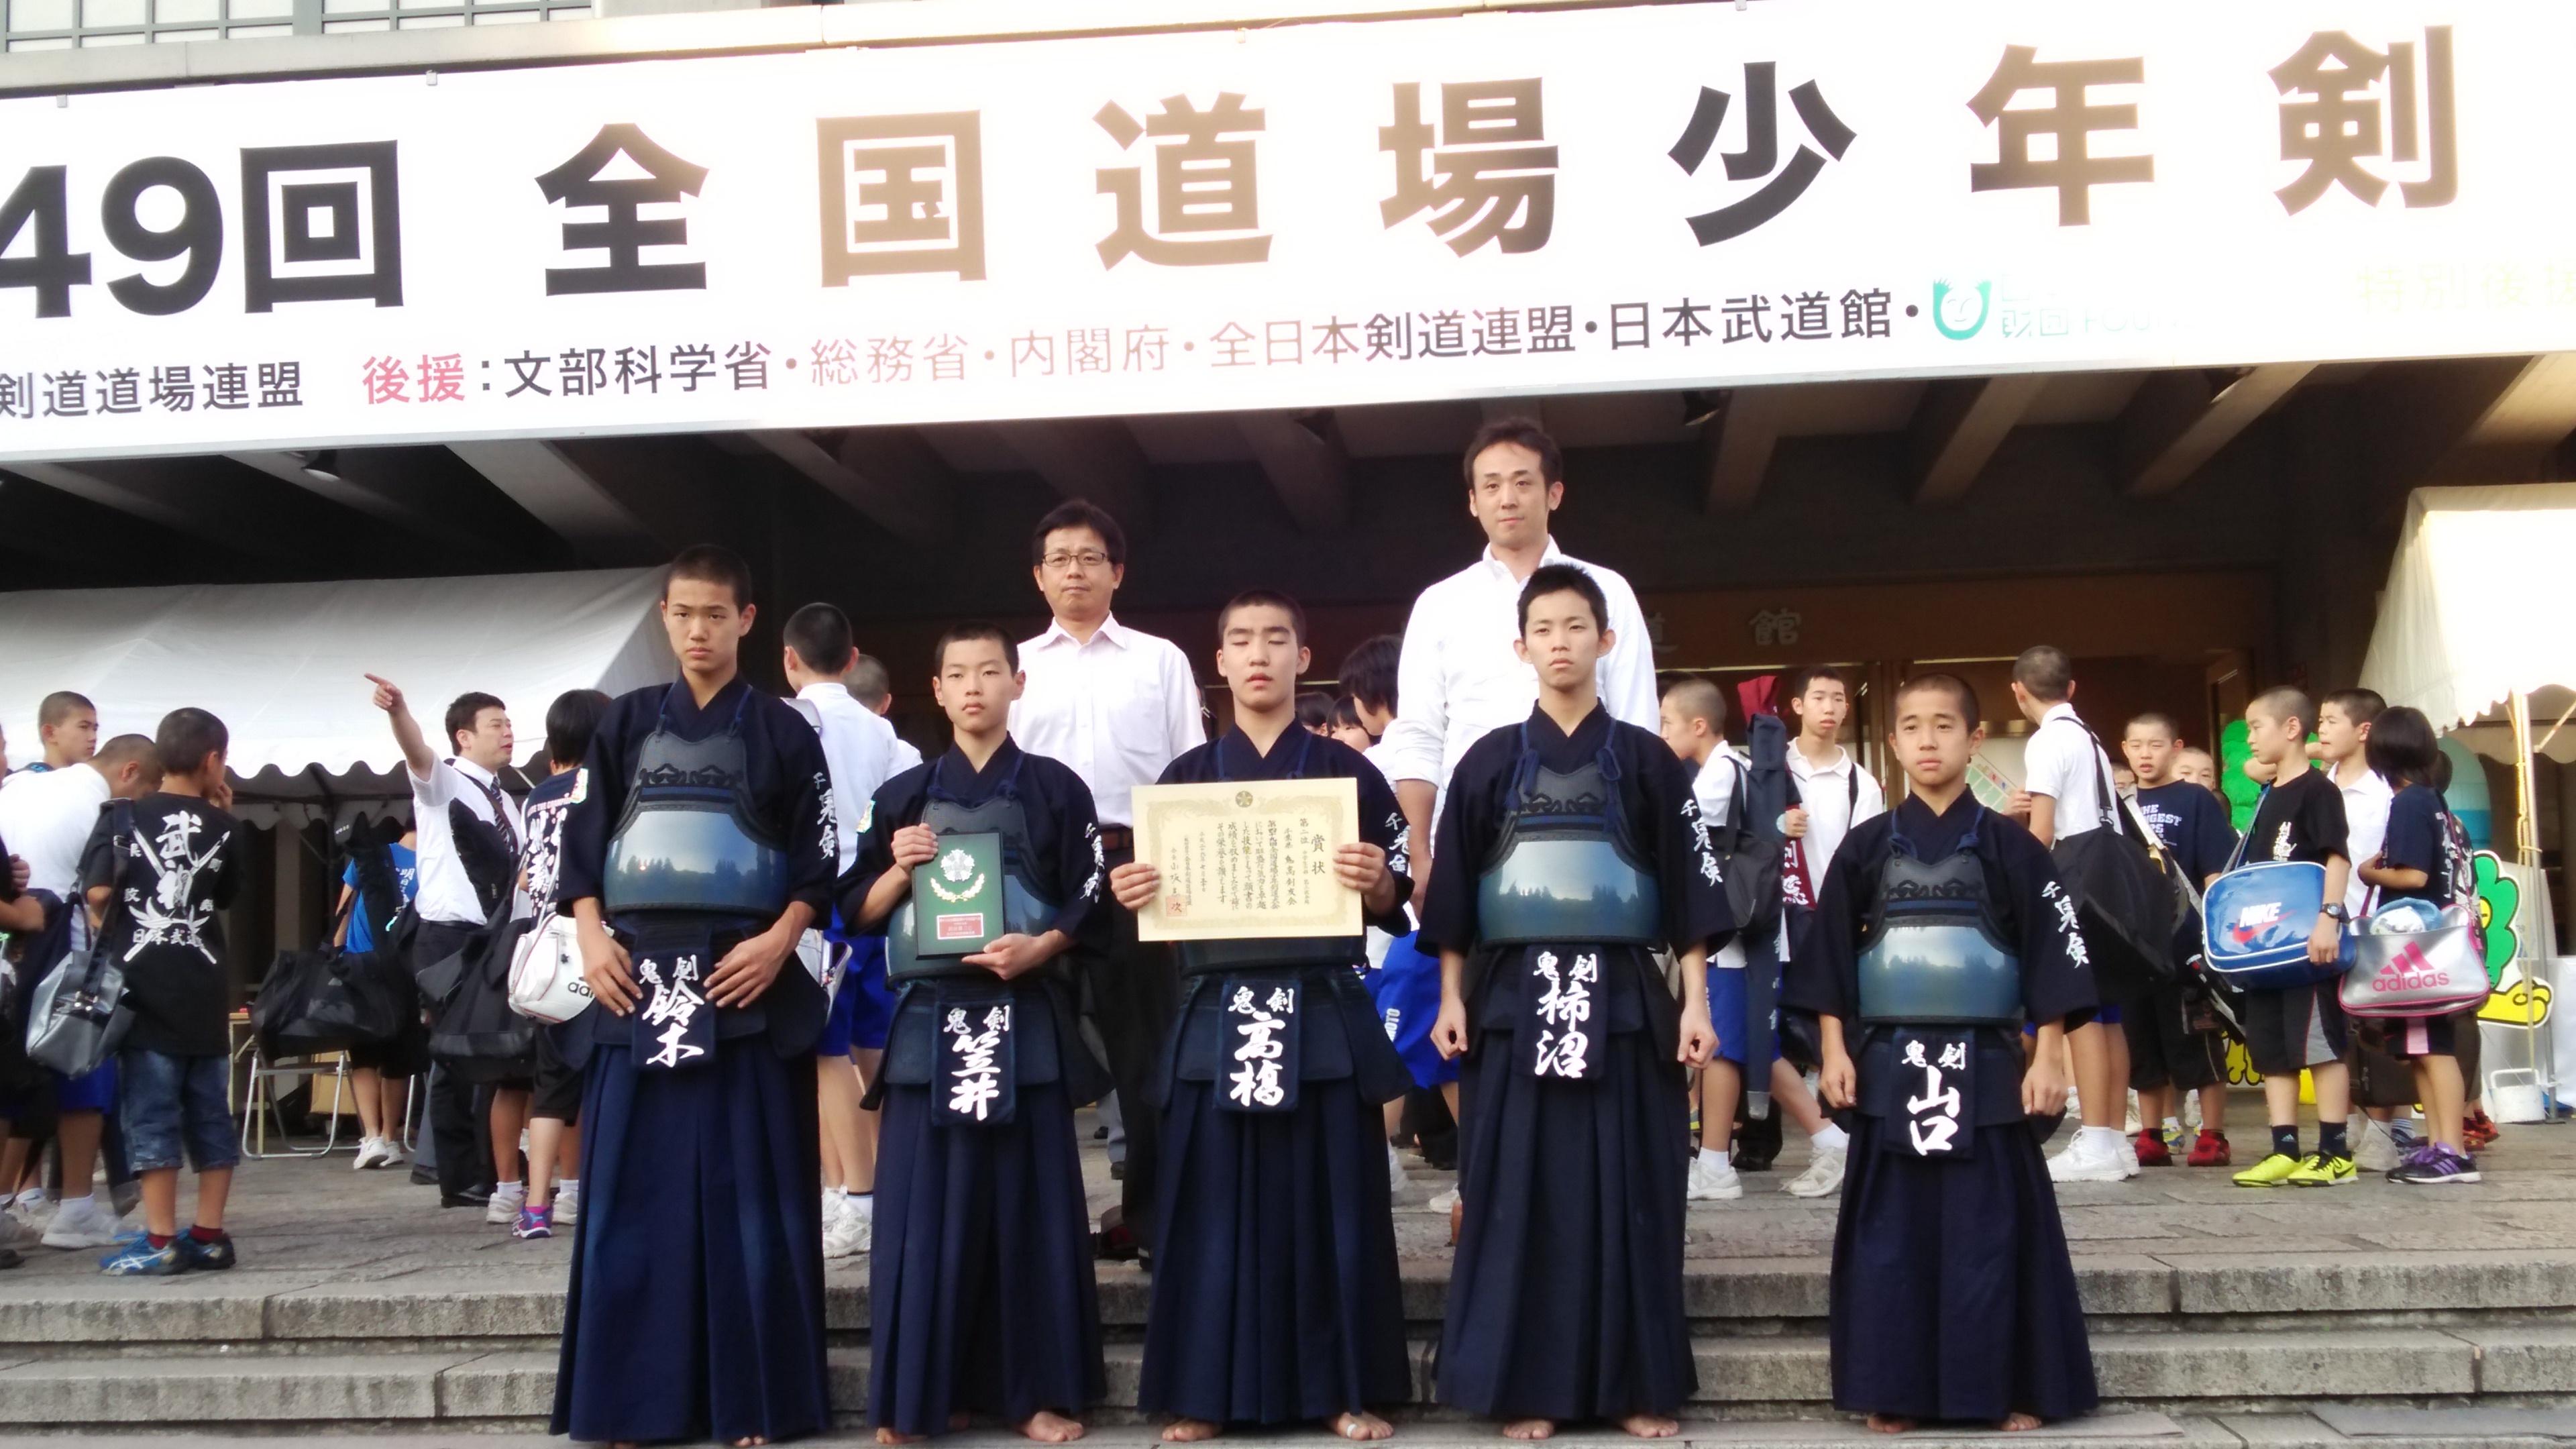 全国道場少年剣道大会